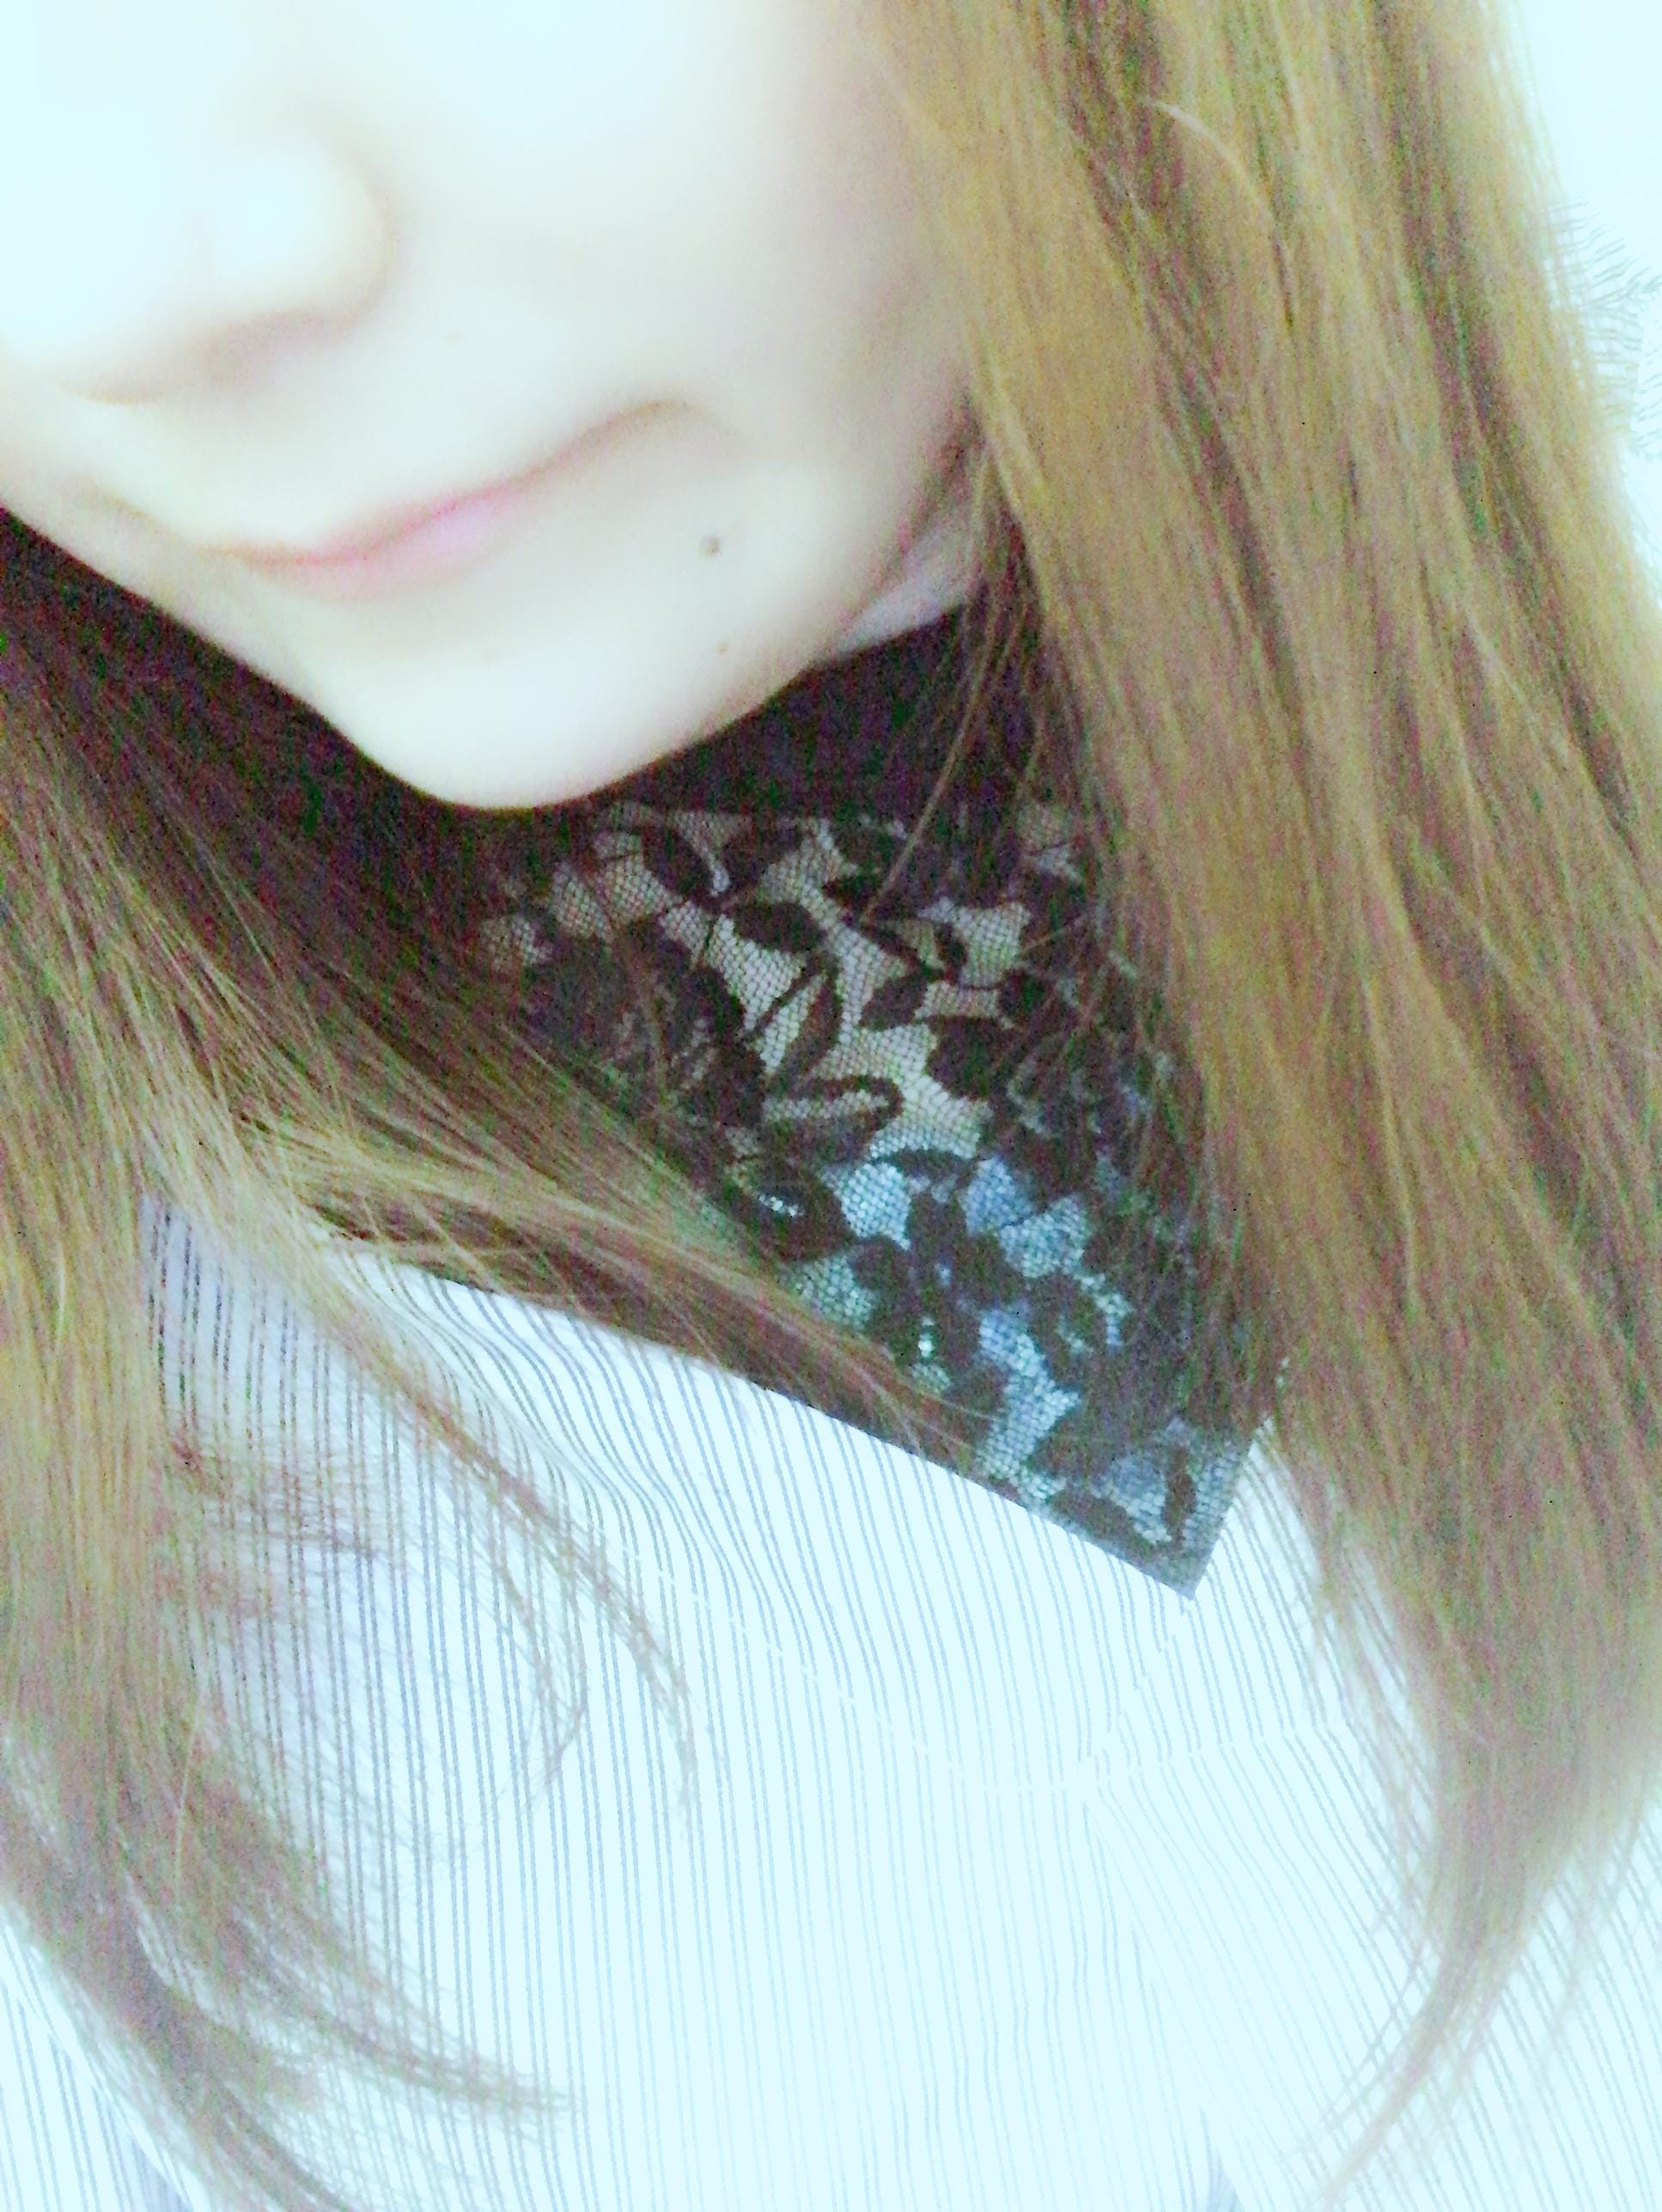 「こんにちは☆」07/16(07/16) 12:01 | みさこの写メ・風俗動画